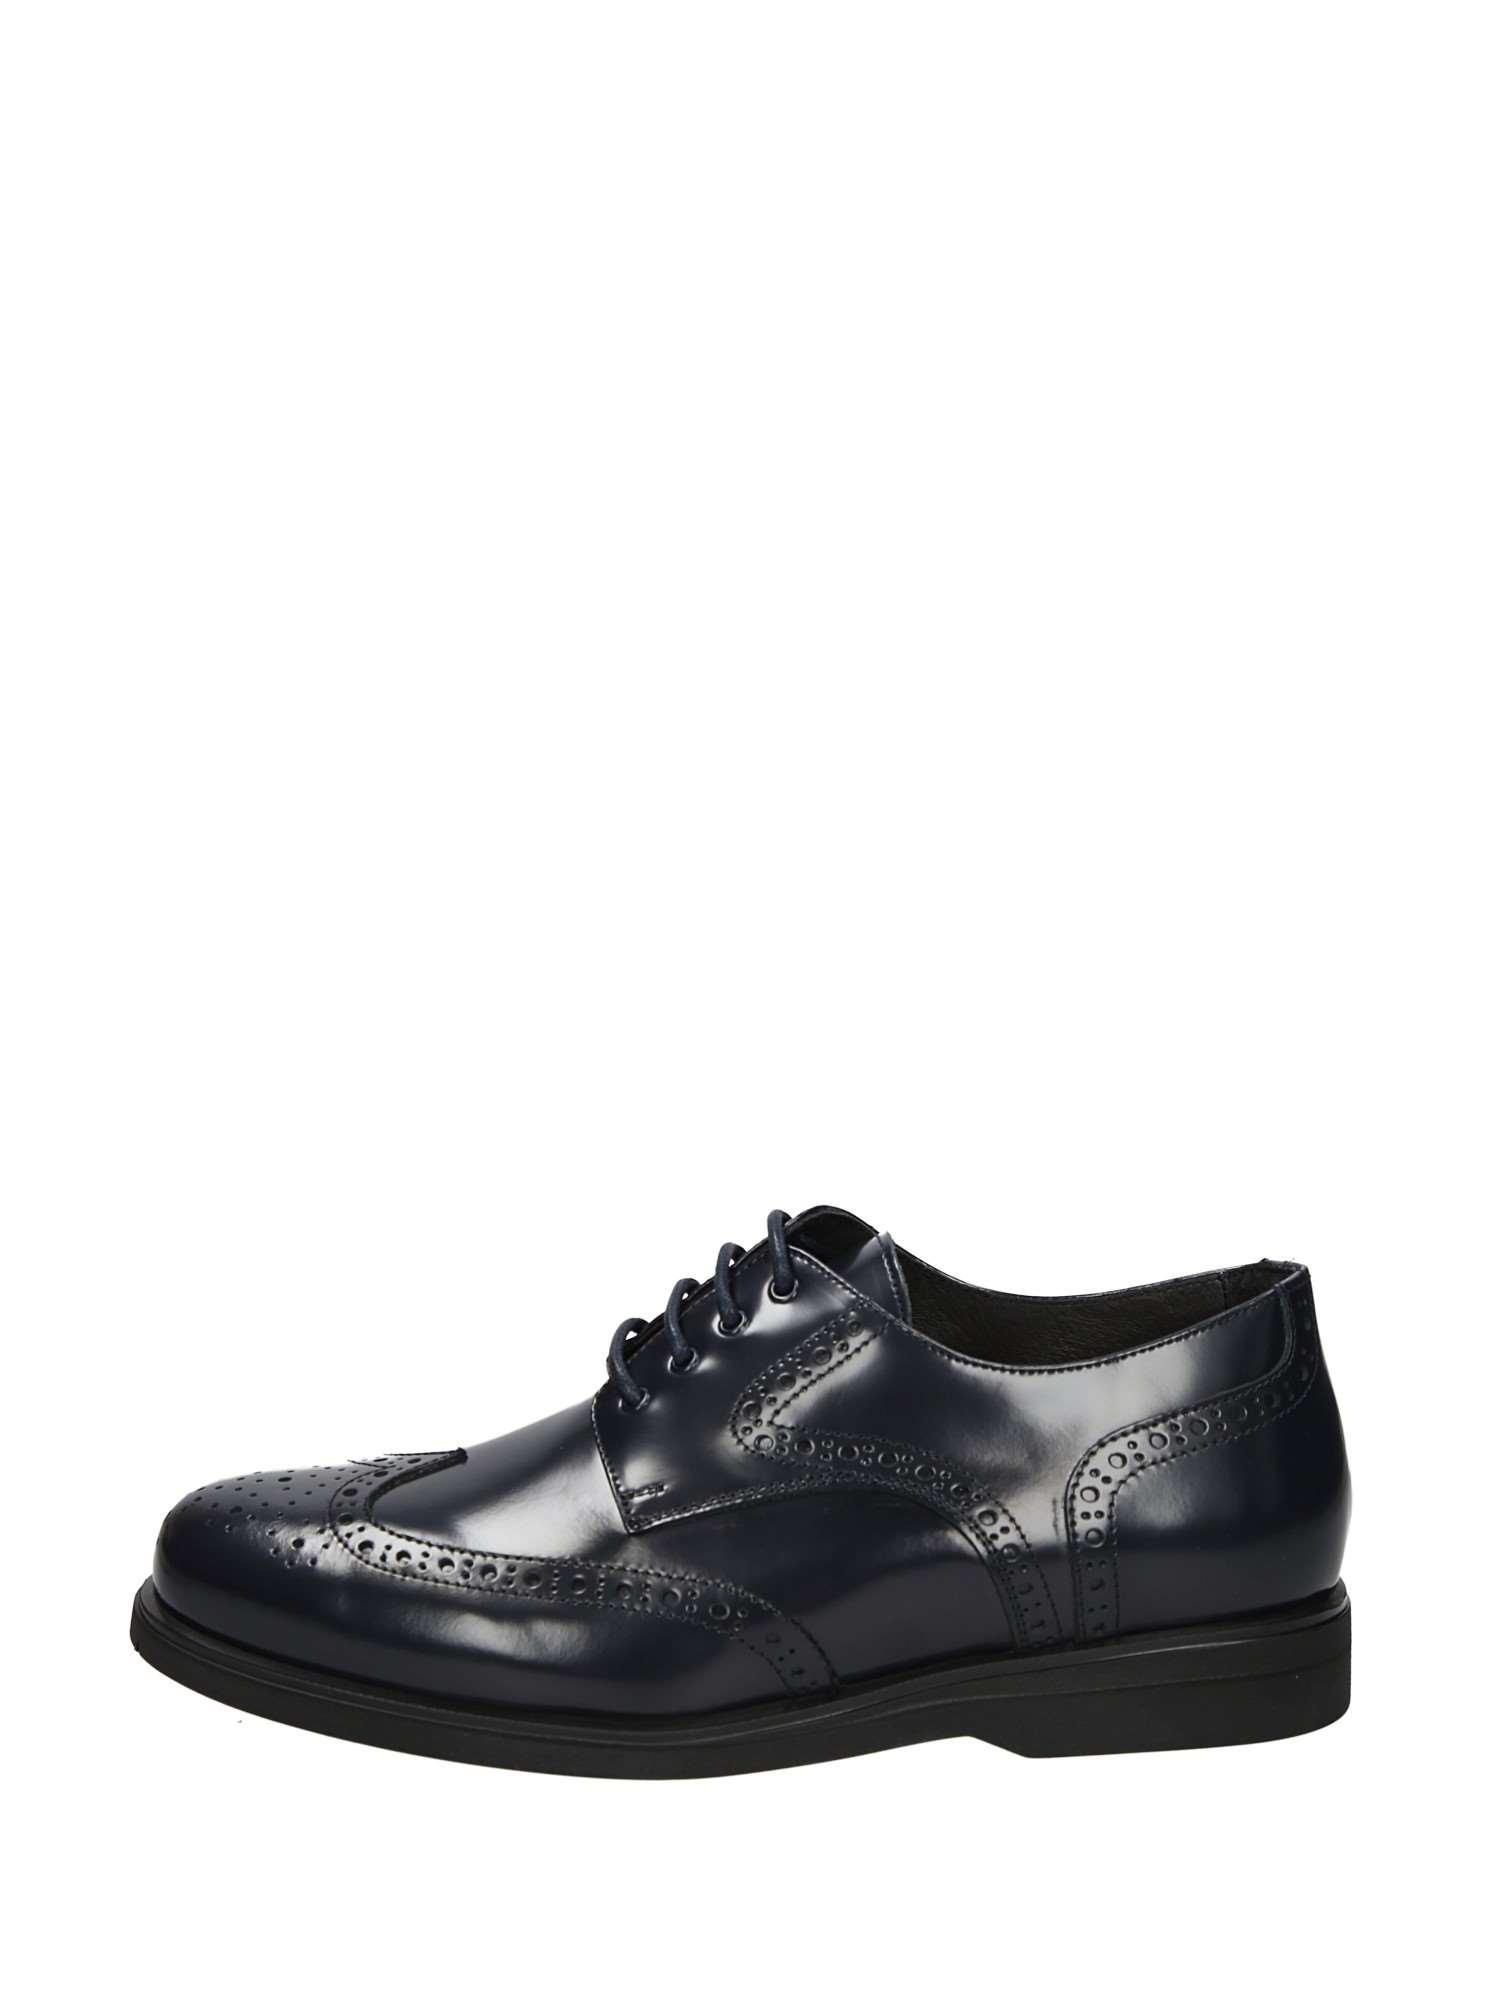 separation shoes 496ee a2115 Ugo Arci Francesine Uomo Blu | Lalilina